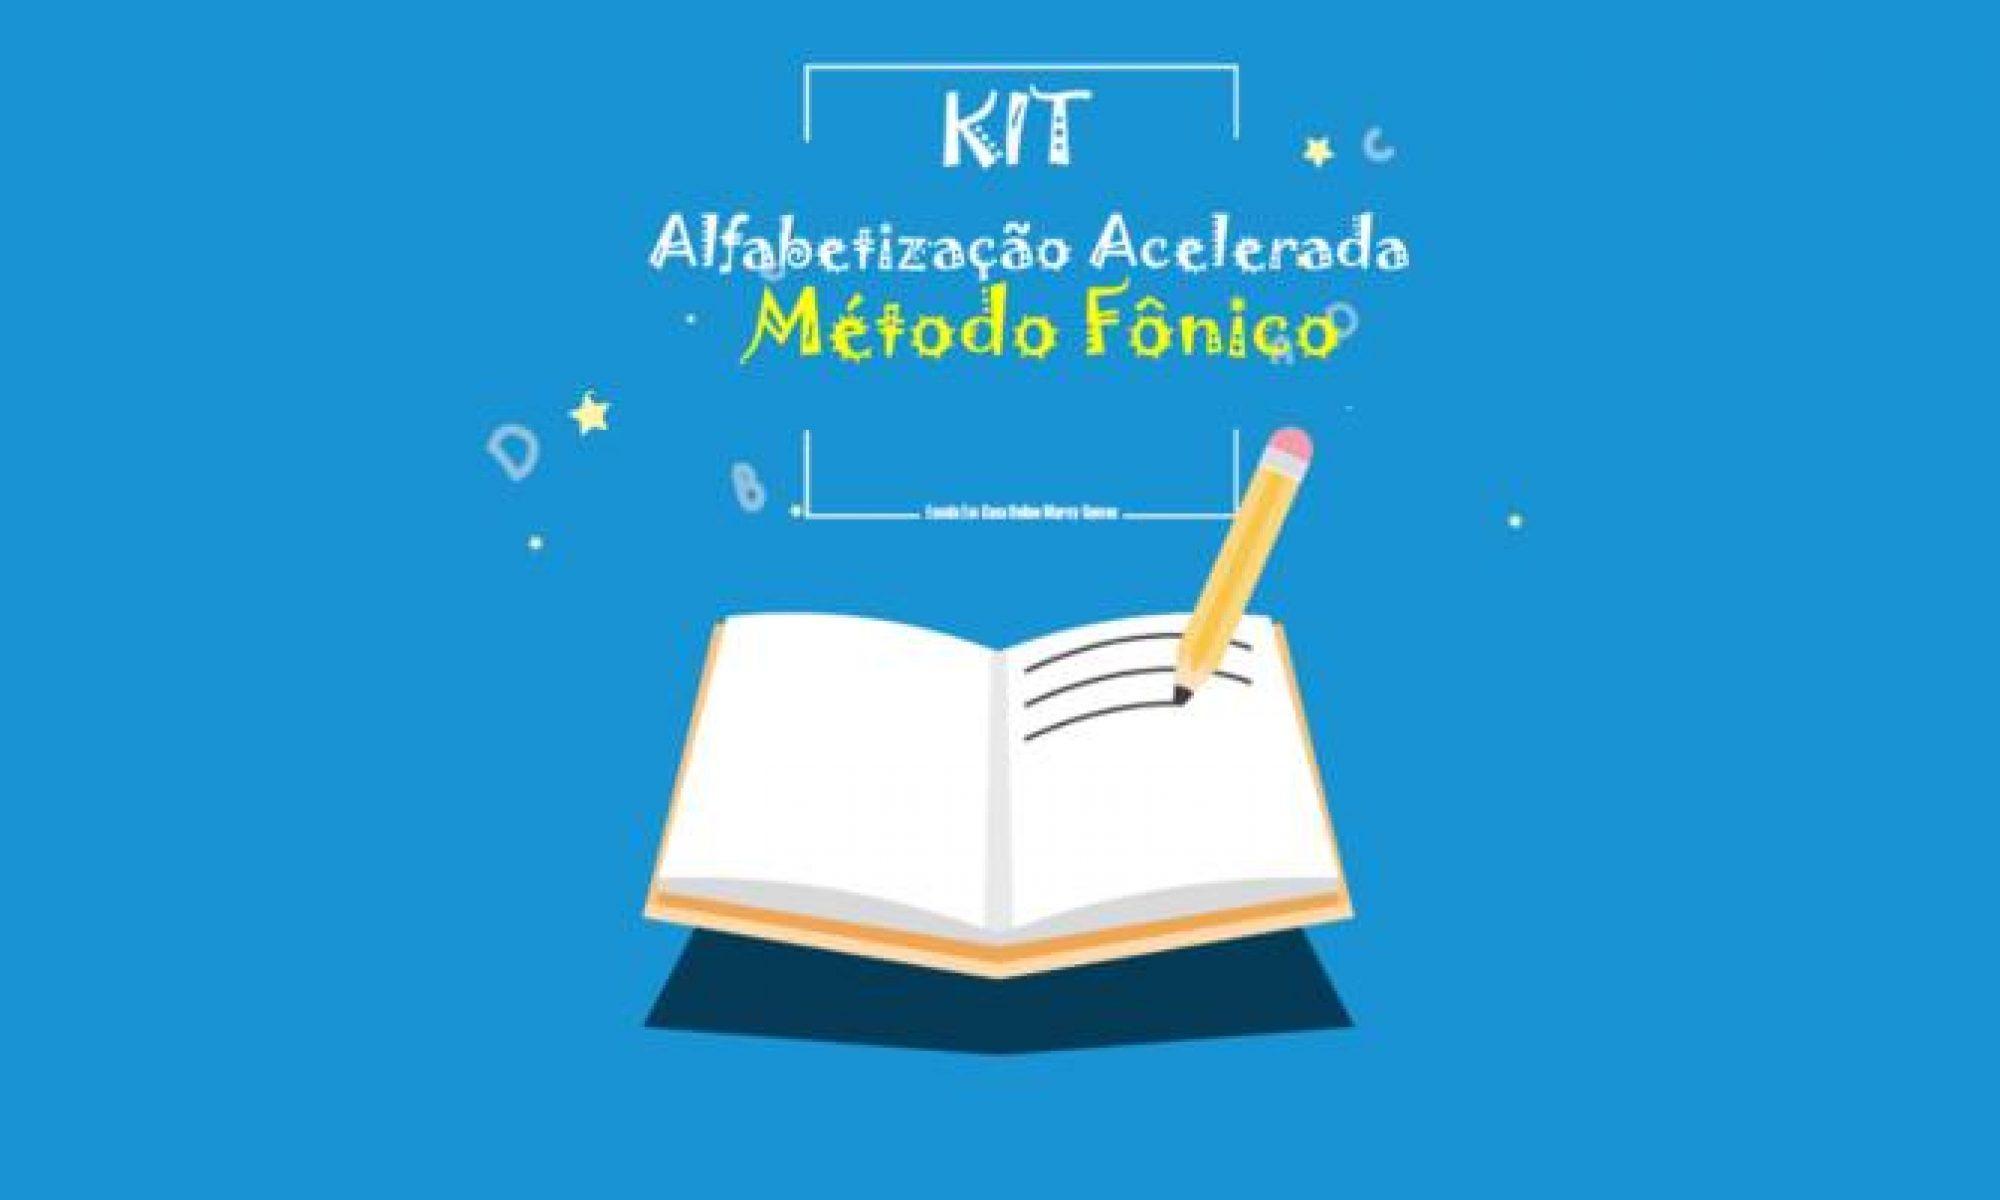 Kit Alfabetização Acelerada pelo Método Fônico.